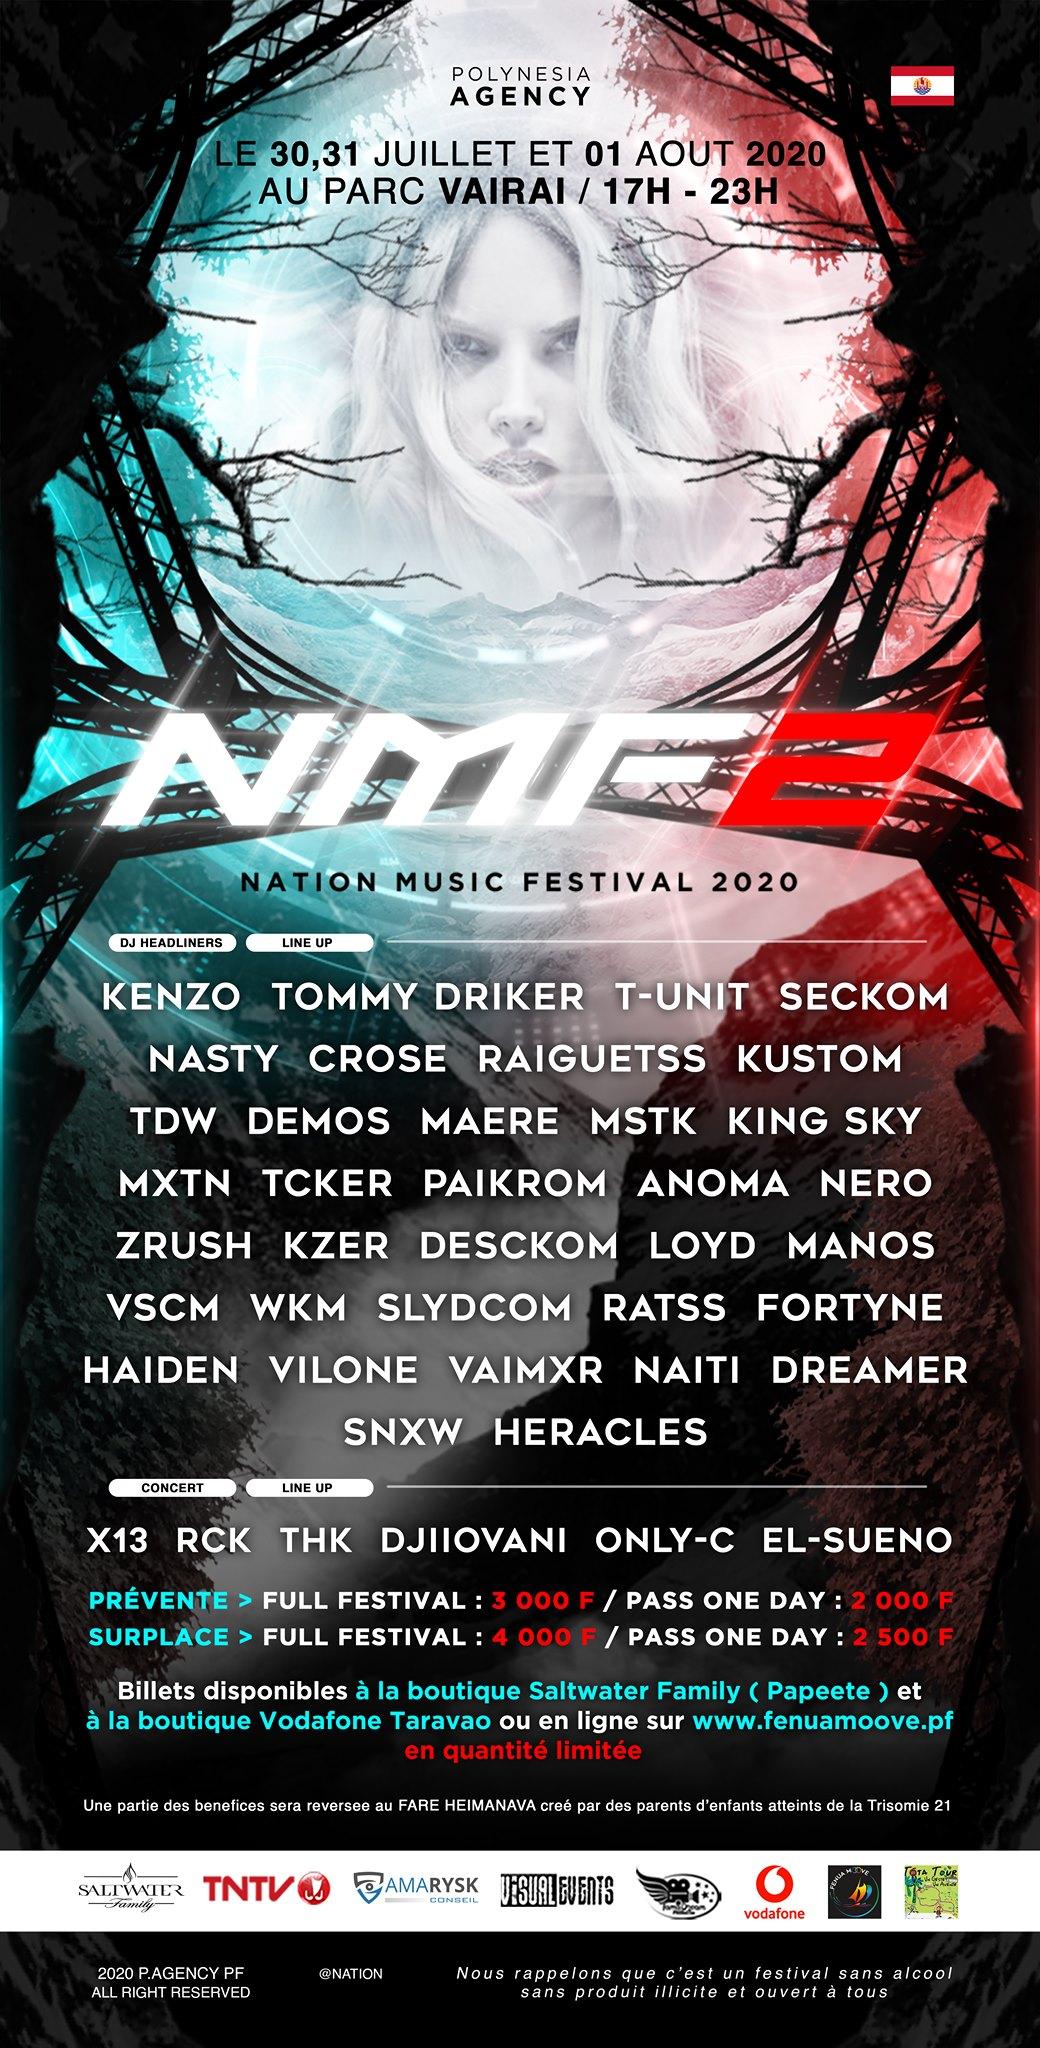 Nation music festival : 3 jours de scène